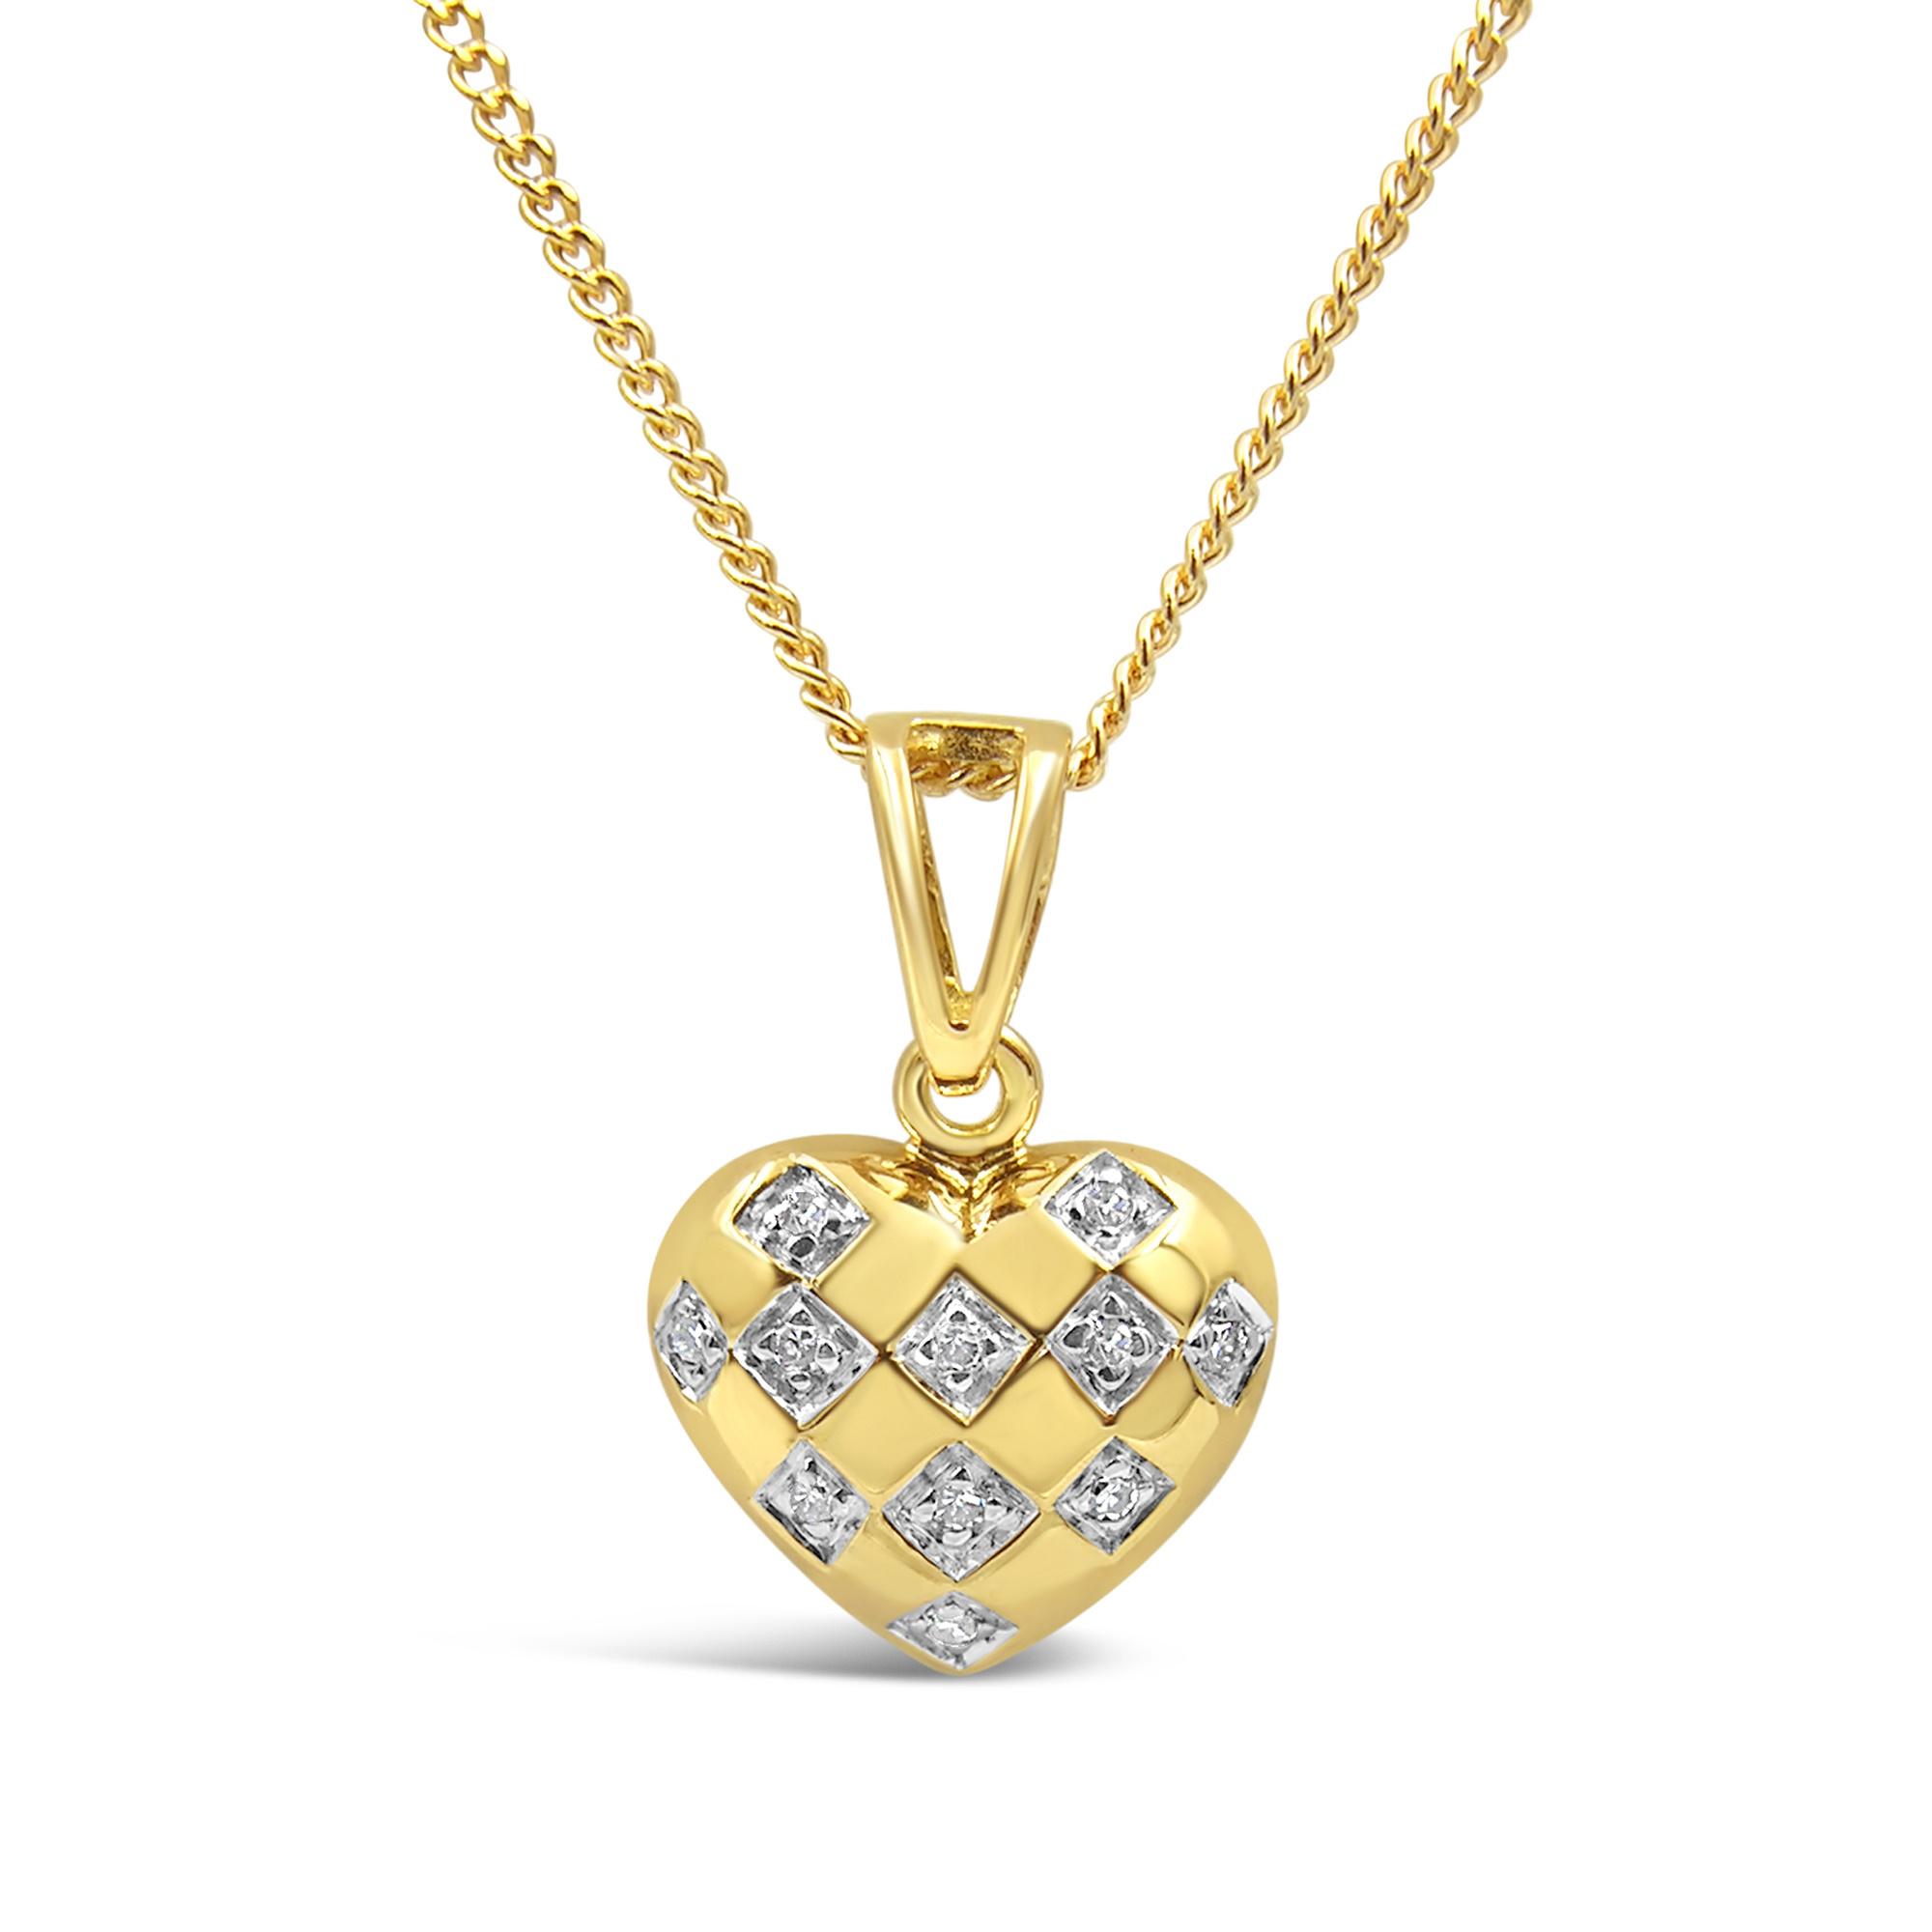 18 karaat geel goud hart hanger met 0.10 ct diamanten